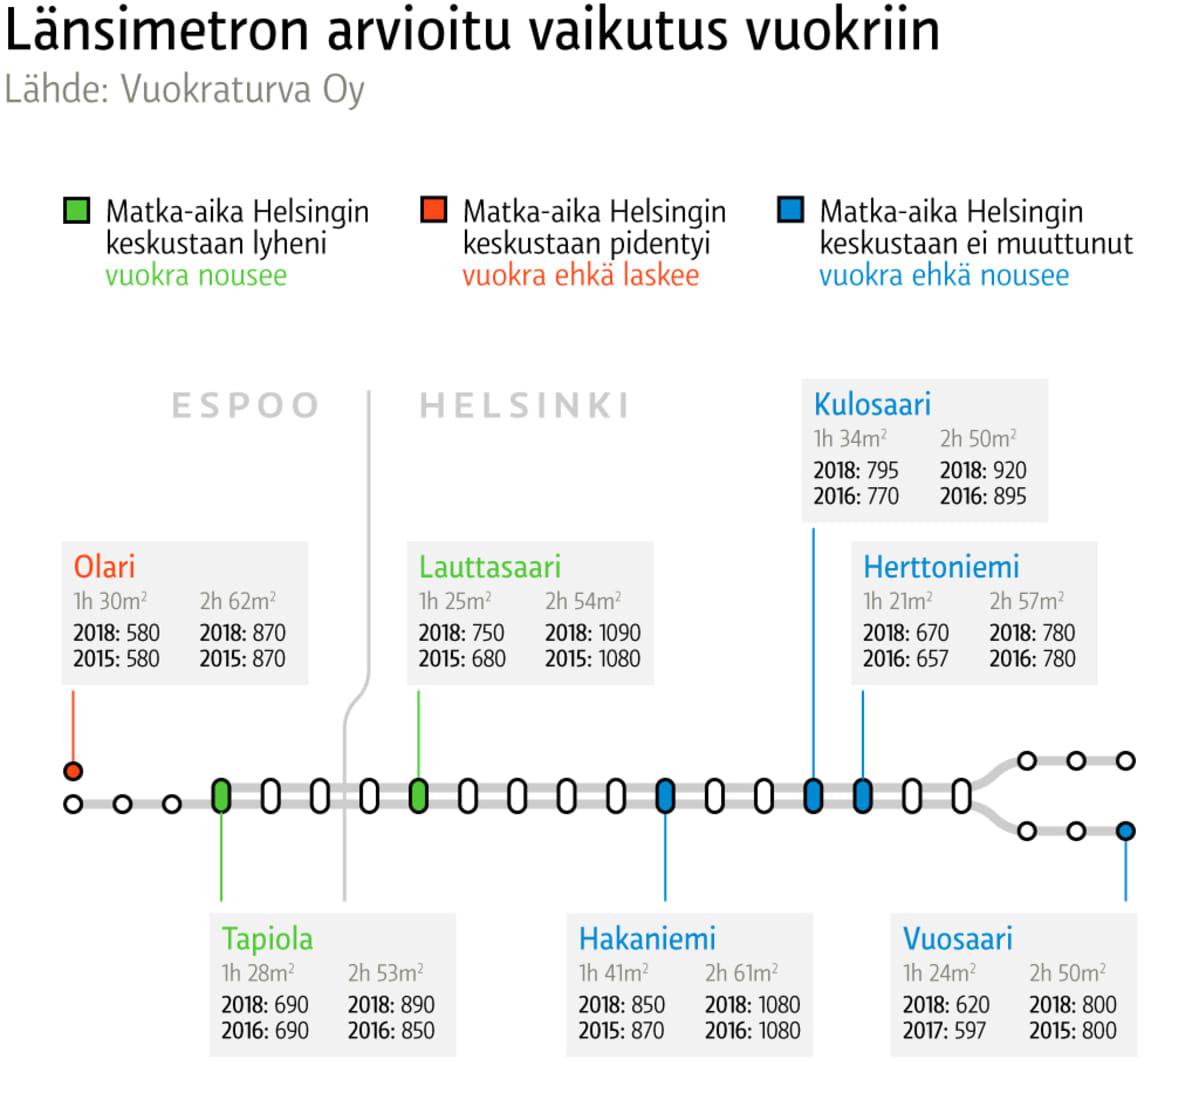 Länsimetron arvioitu vaikutus vuokriin -grafiikka.